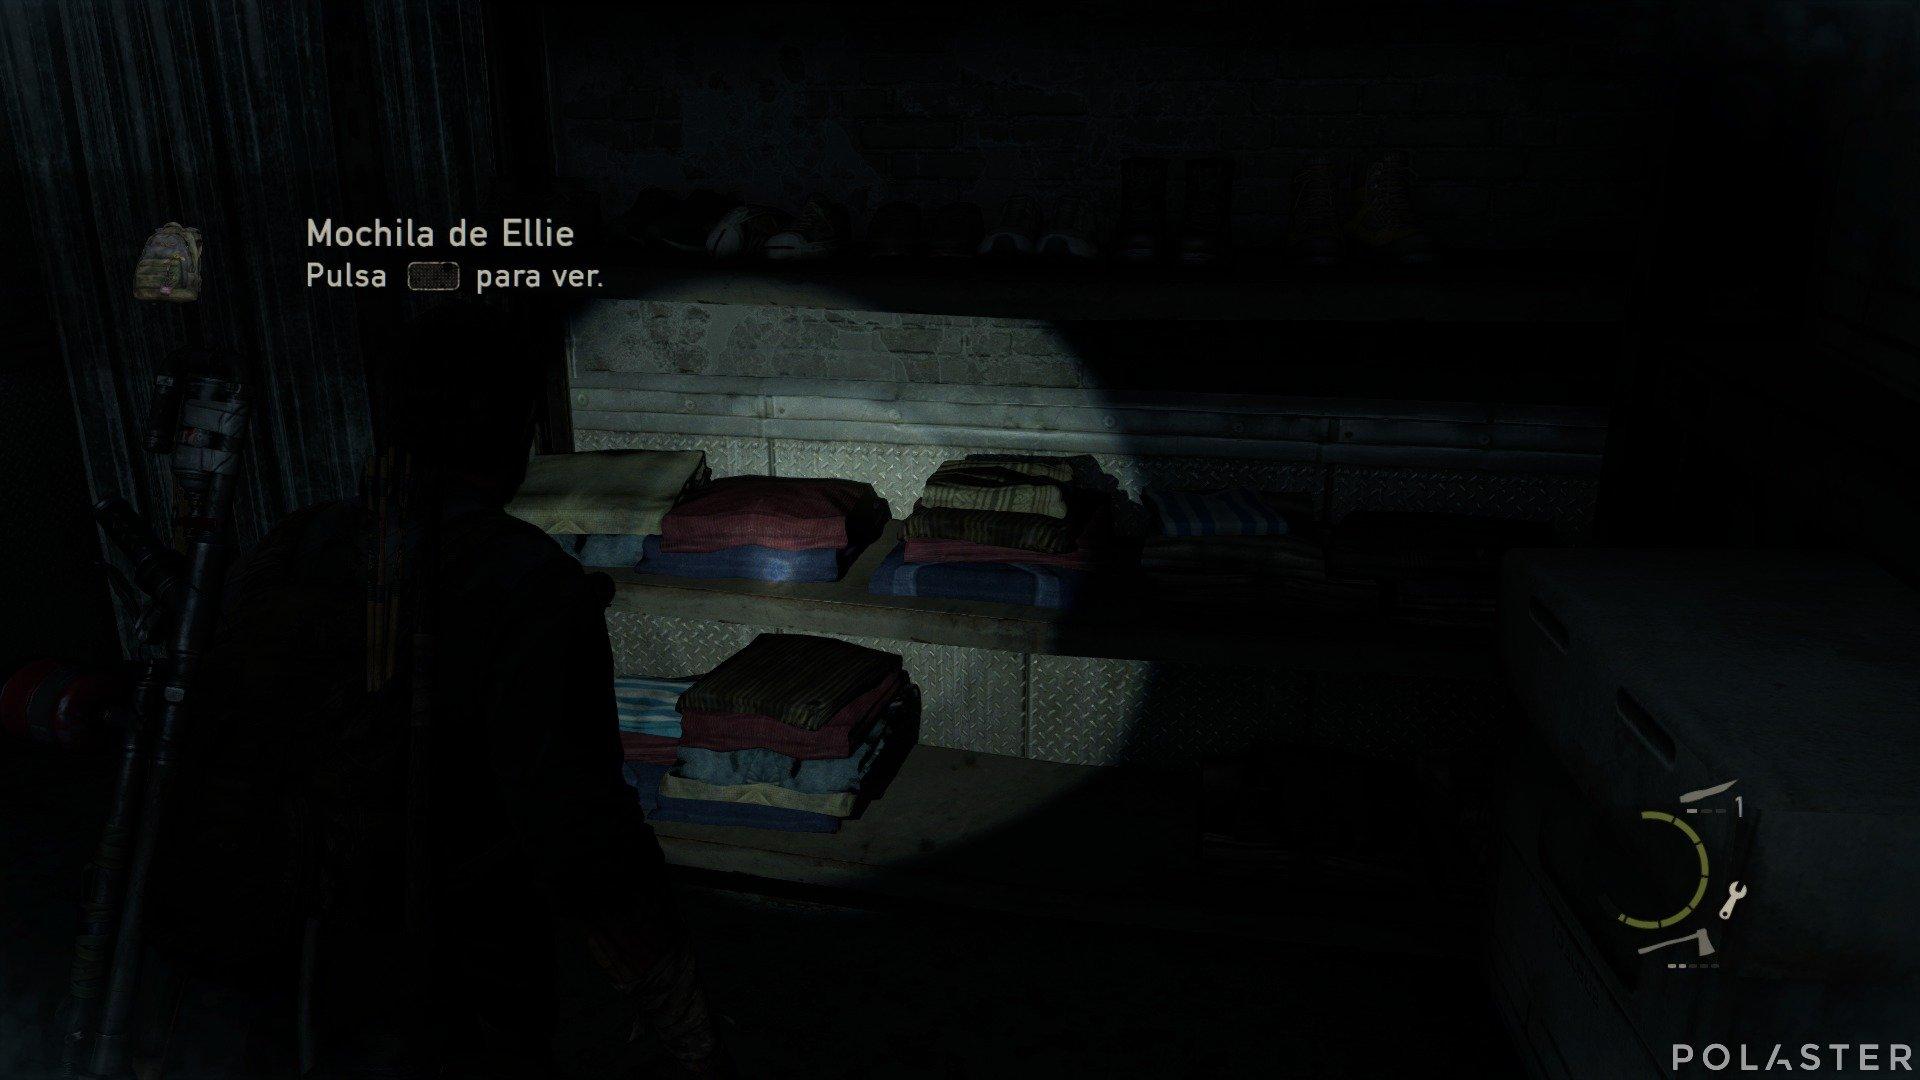 The Last of Us Artefacto Mochila de Ellie